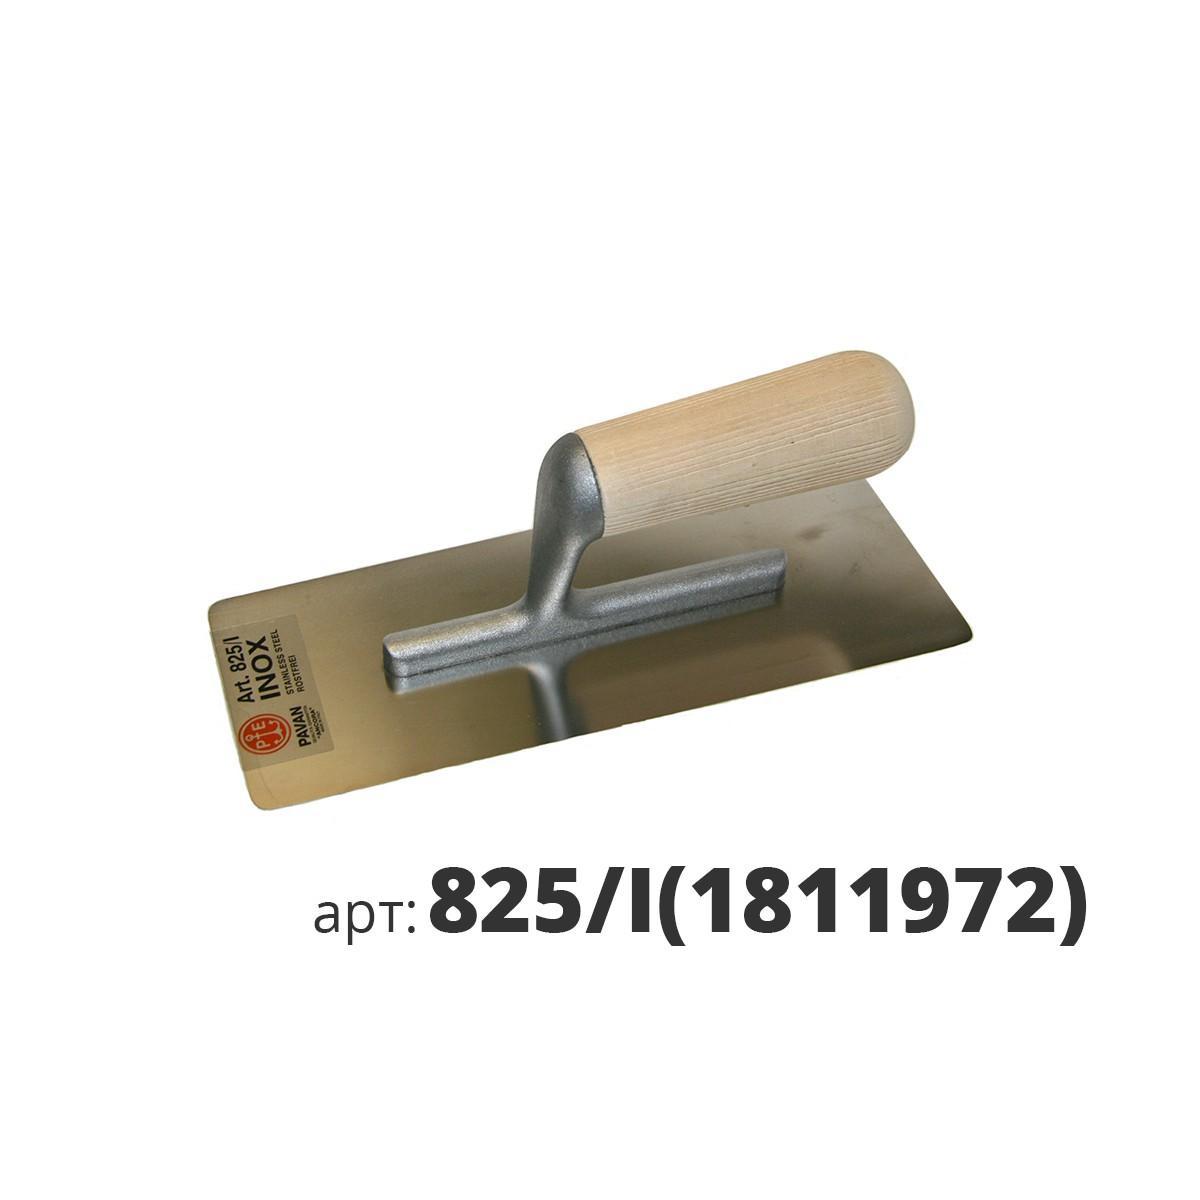 PAVAN кельма венецианская 825/I(1811972)